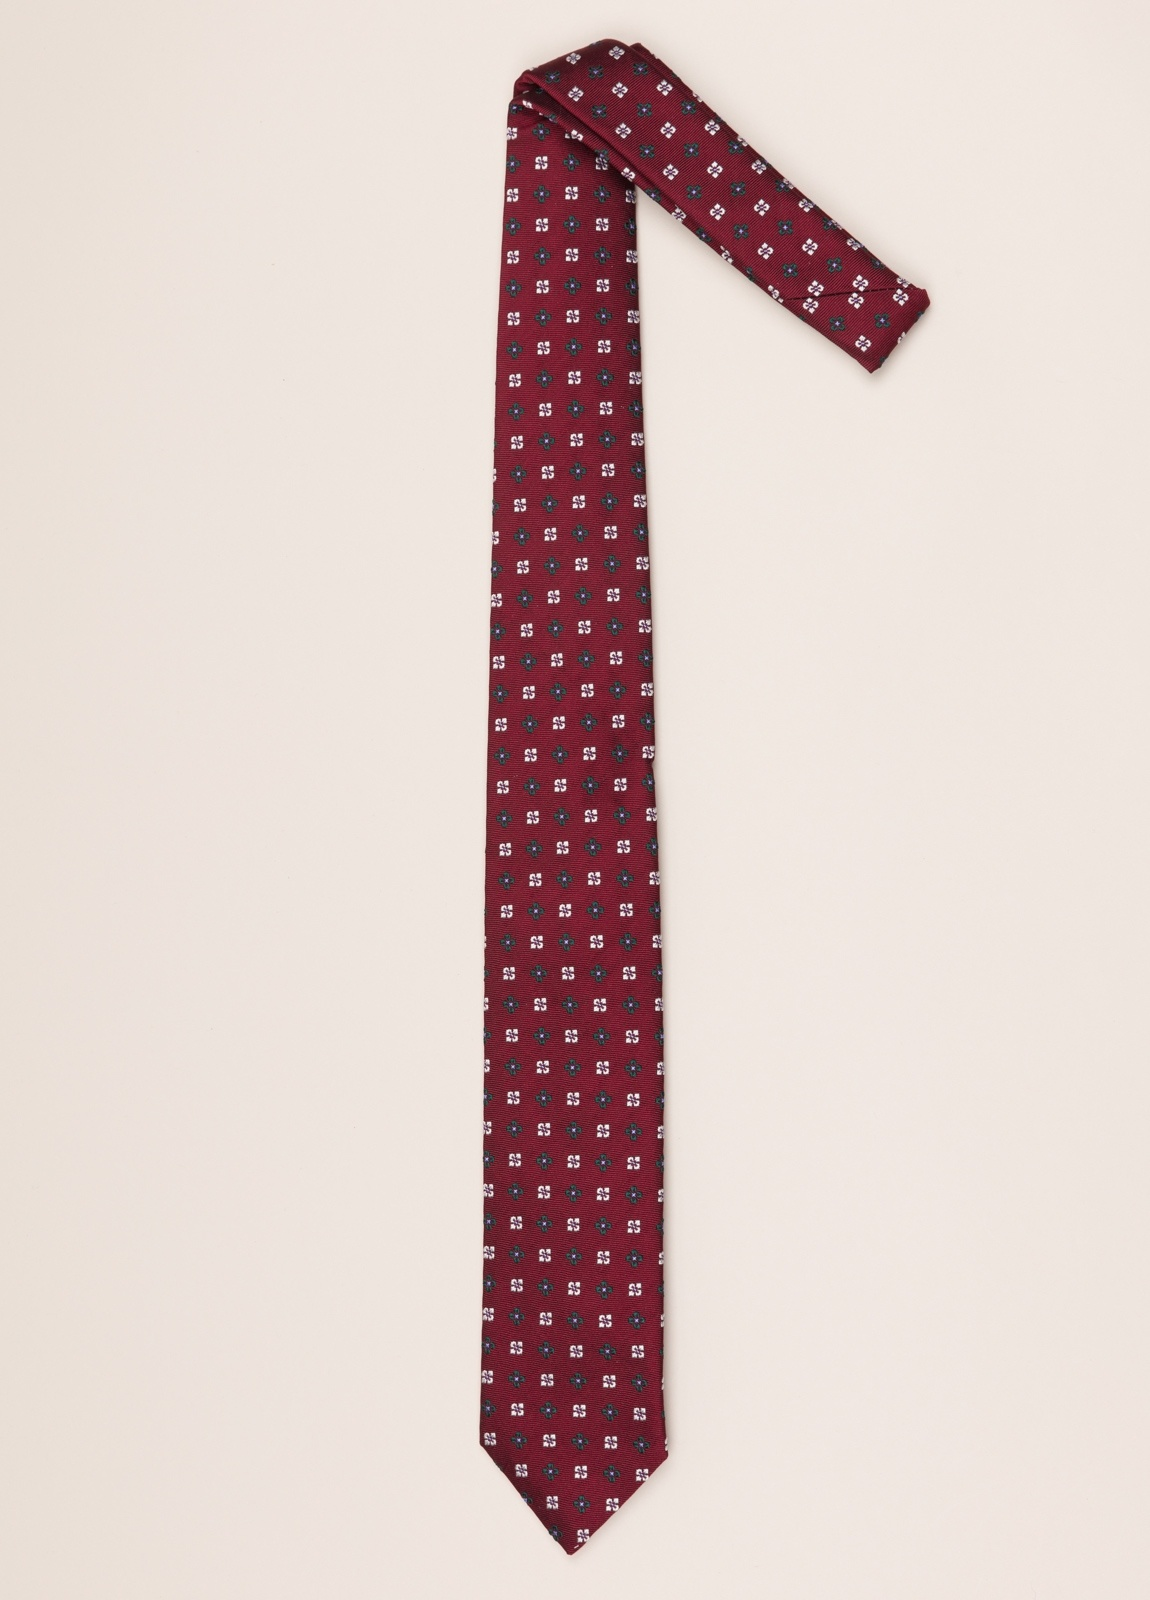 Corbata FUREST COLECCIÓN dibujo rojo - Ítem1